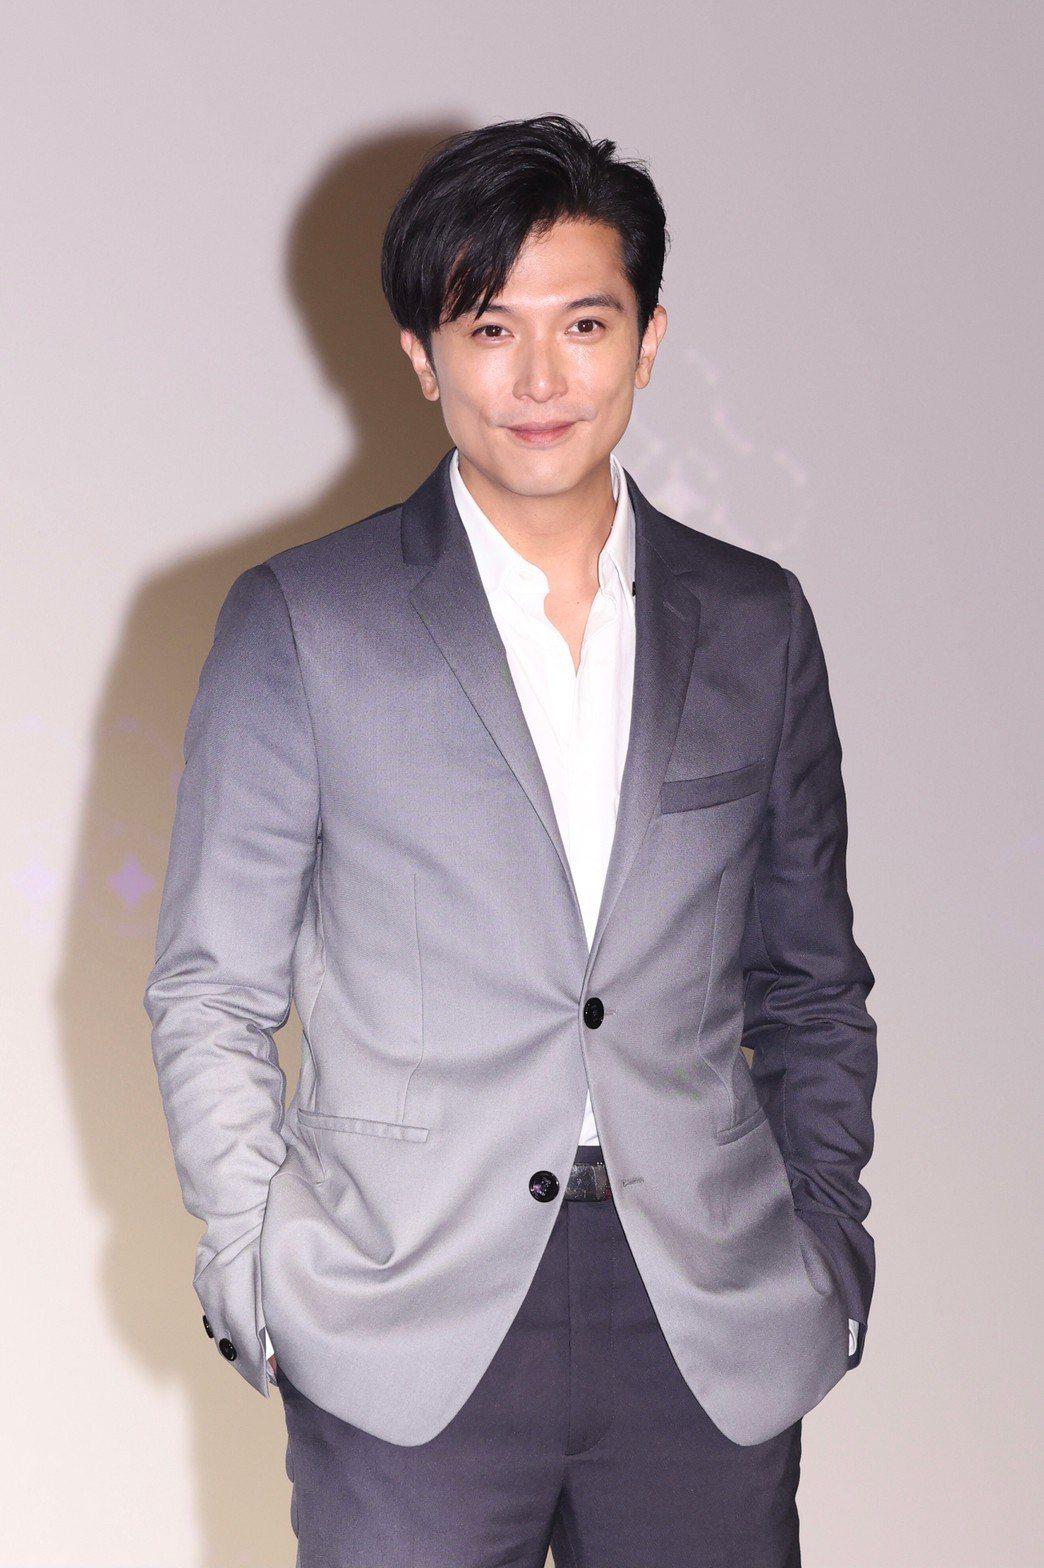 邱澤出席台北電影節形象大使記者會。記者王聰賢/攝影